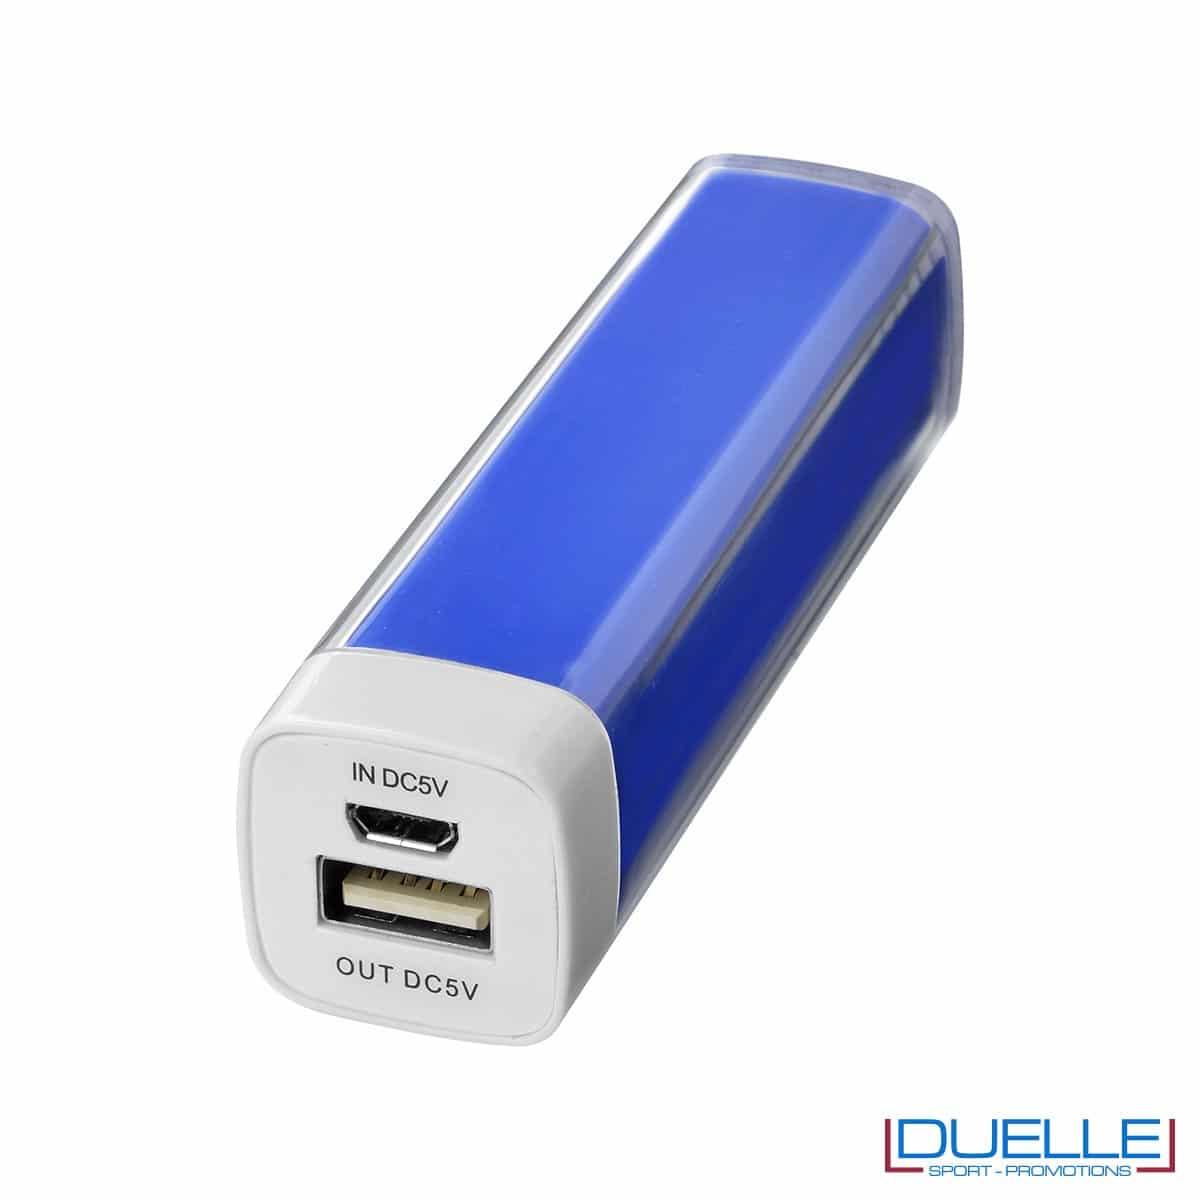 powerbank personalizzato da 2200 mAh colore blu, powerbank per smartphone personalizzato